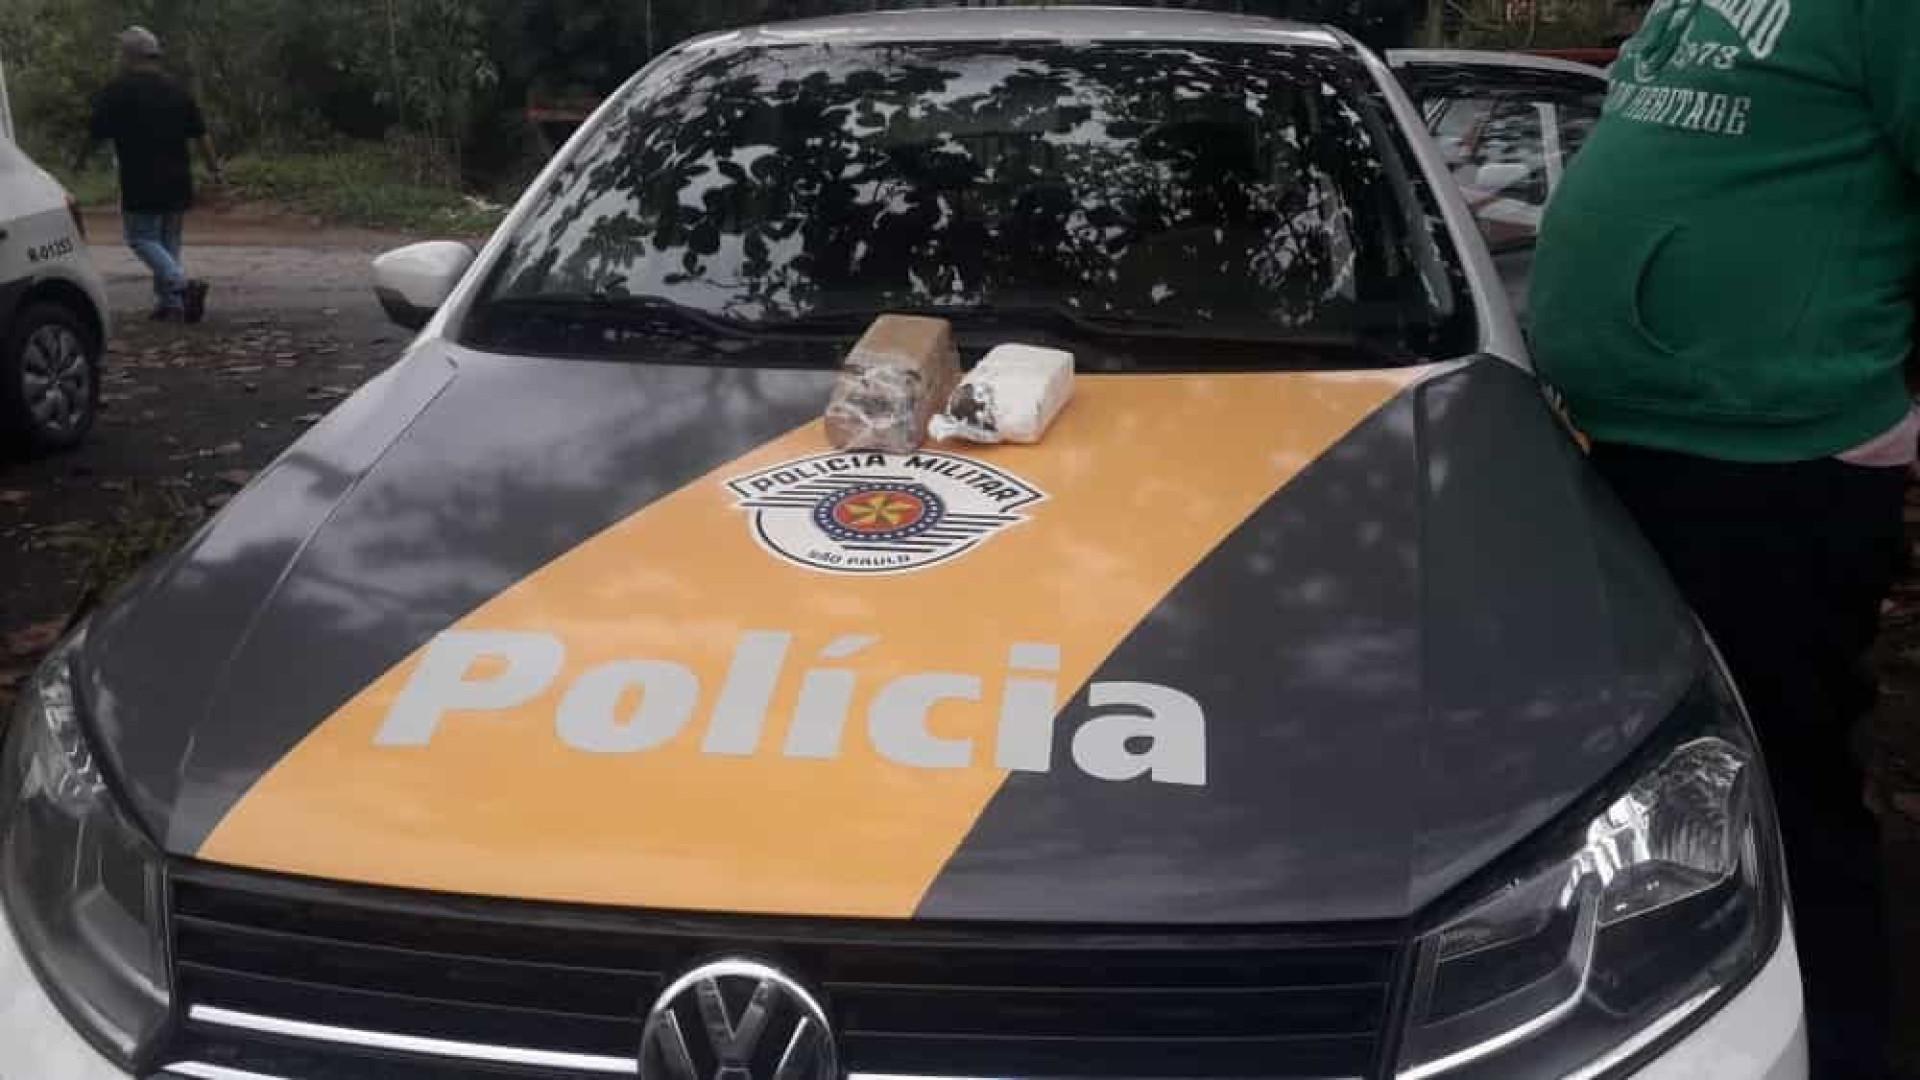 Motorista é preso por tráfico de drogas ao ser abordado em blitz